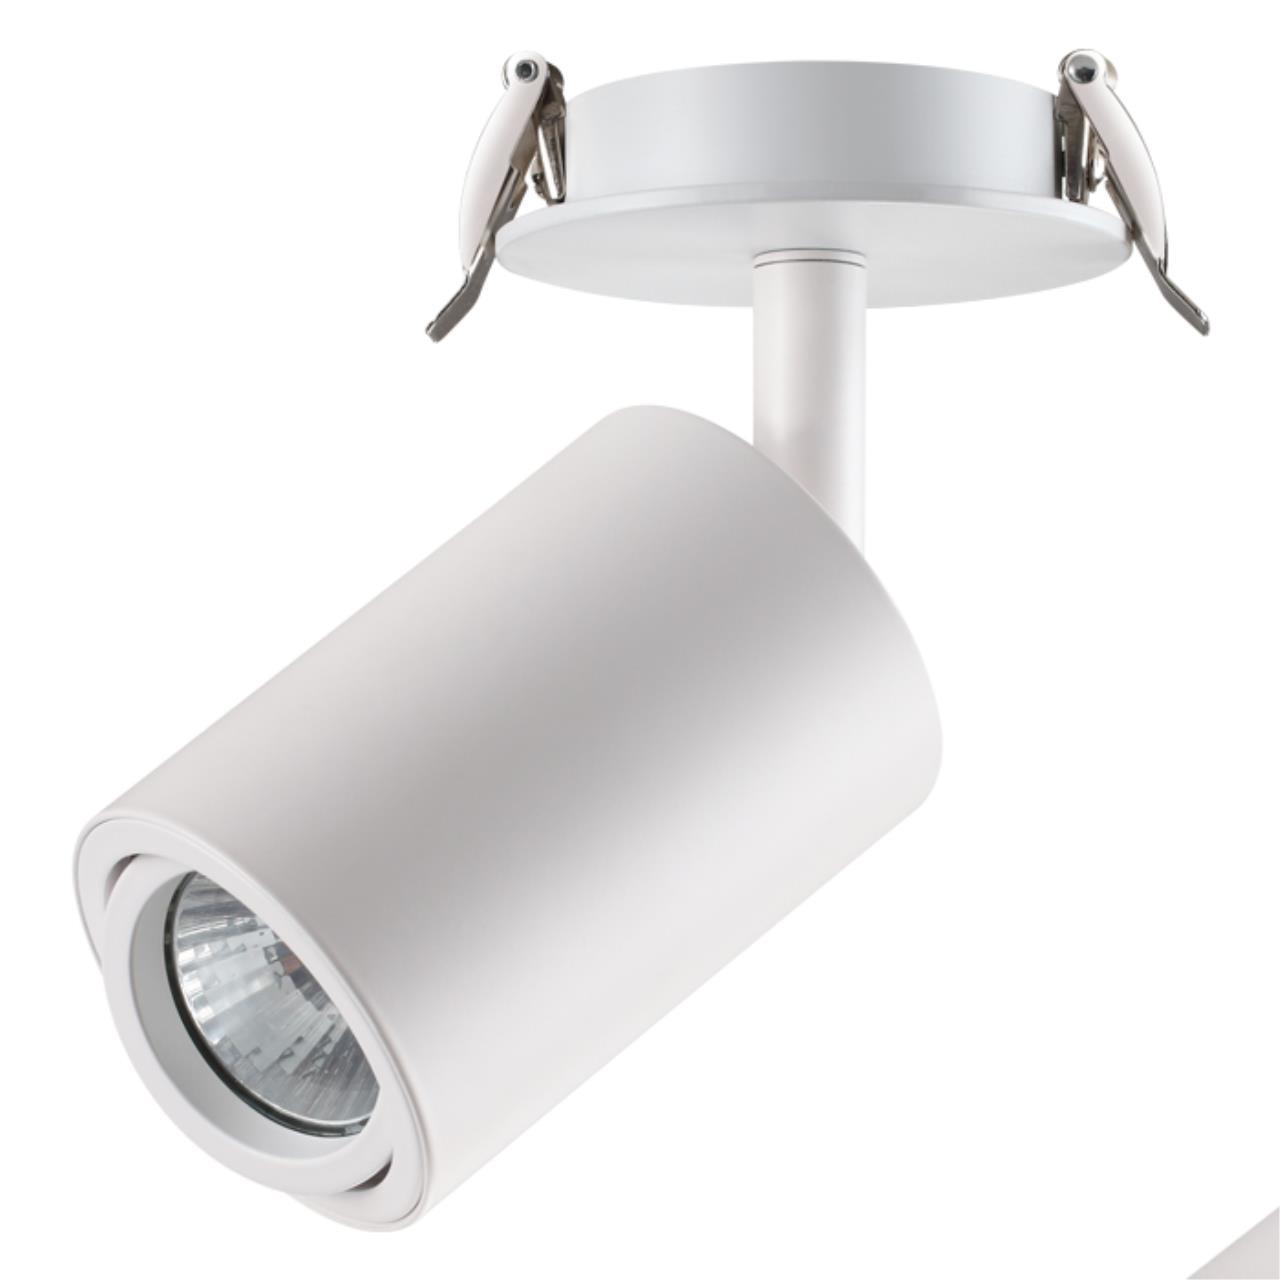 370398 SPOT NT18 101 белый Встраиваемый светильник IP20 GU10 50W 220V PIPE